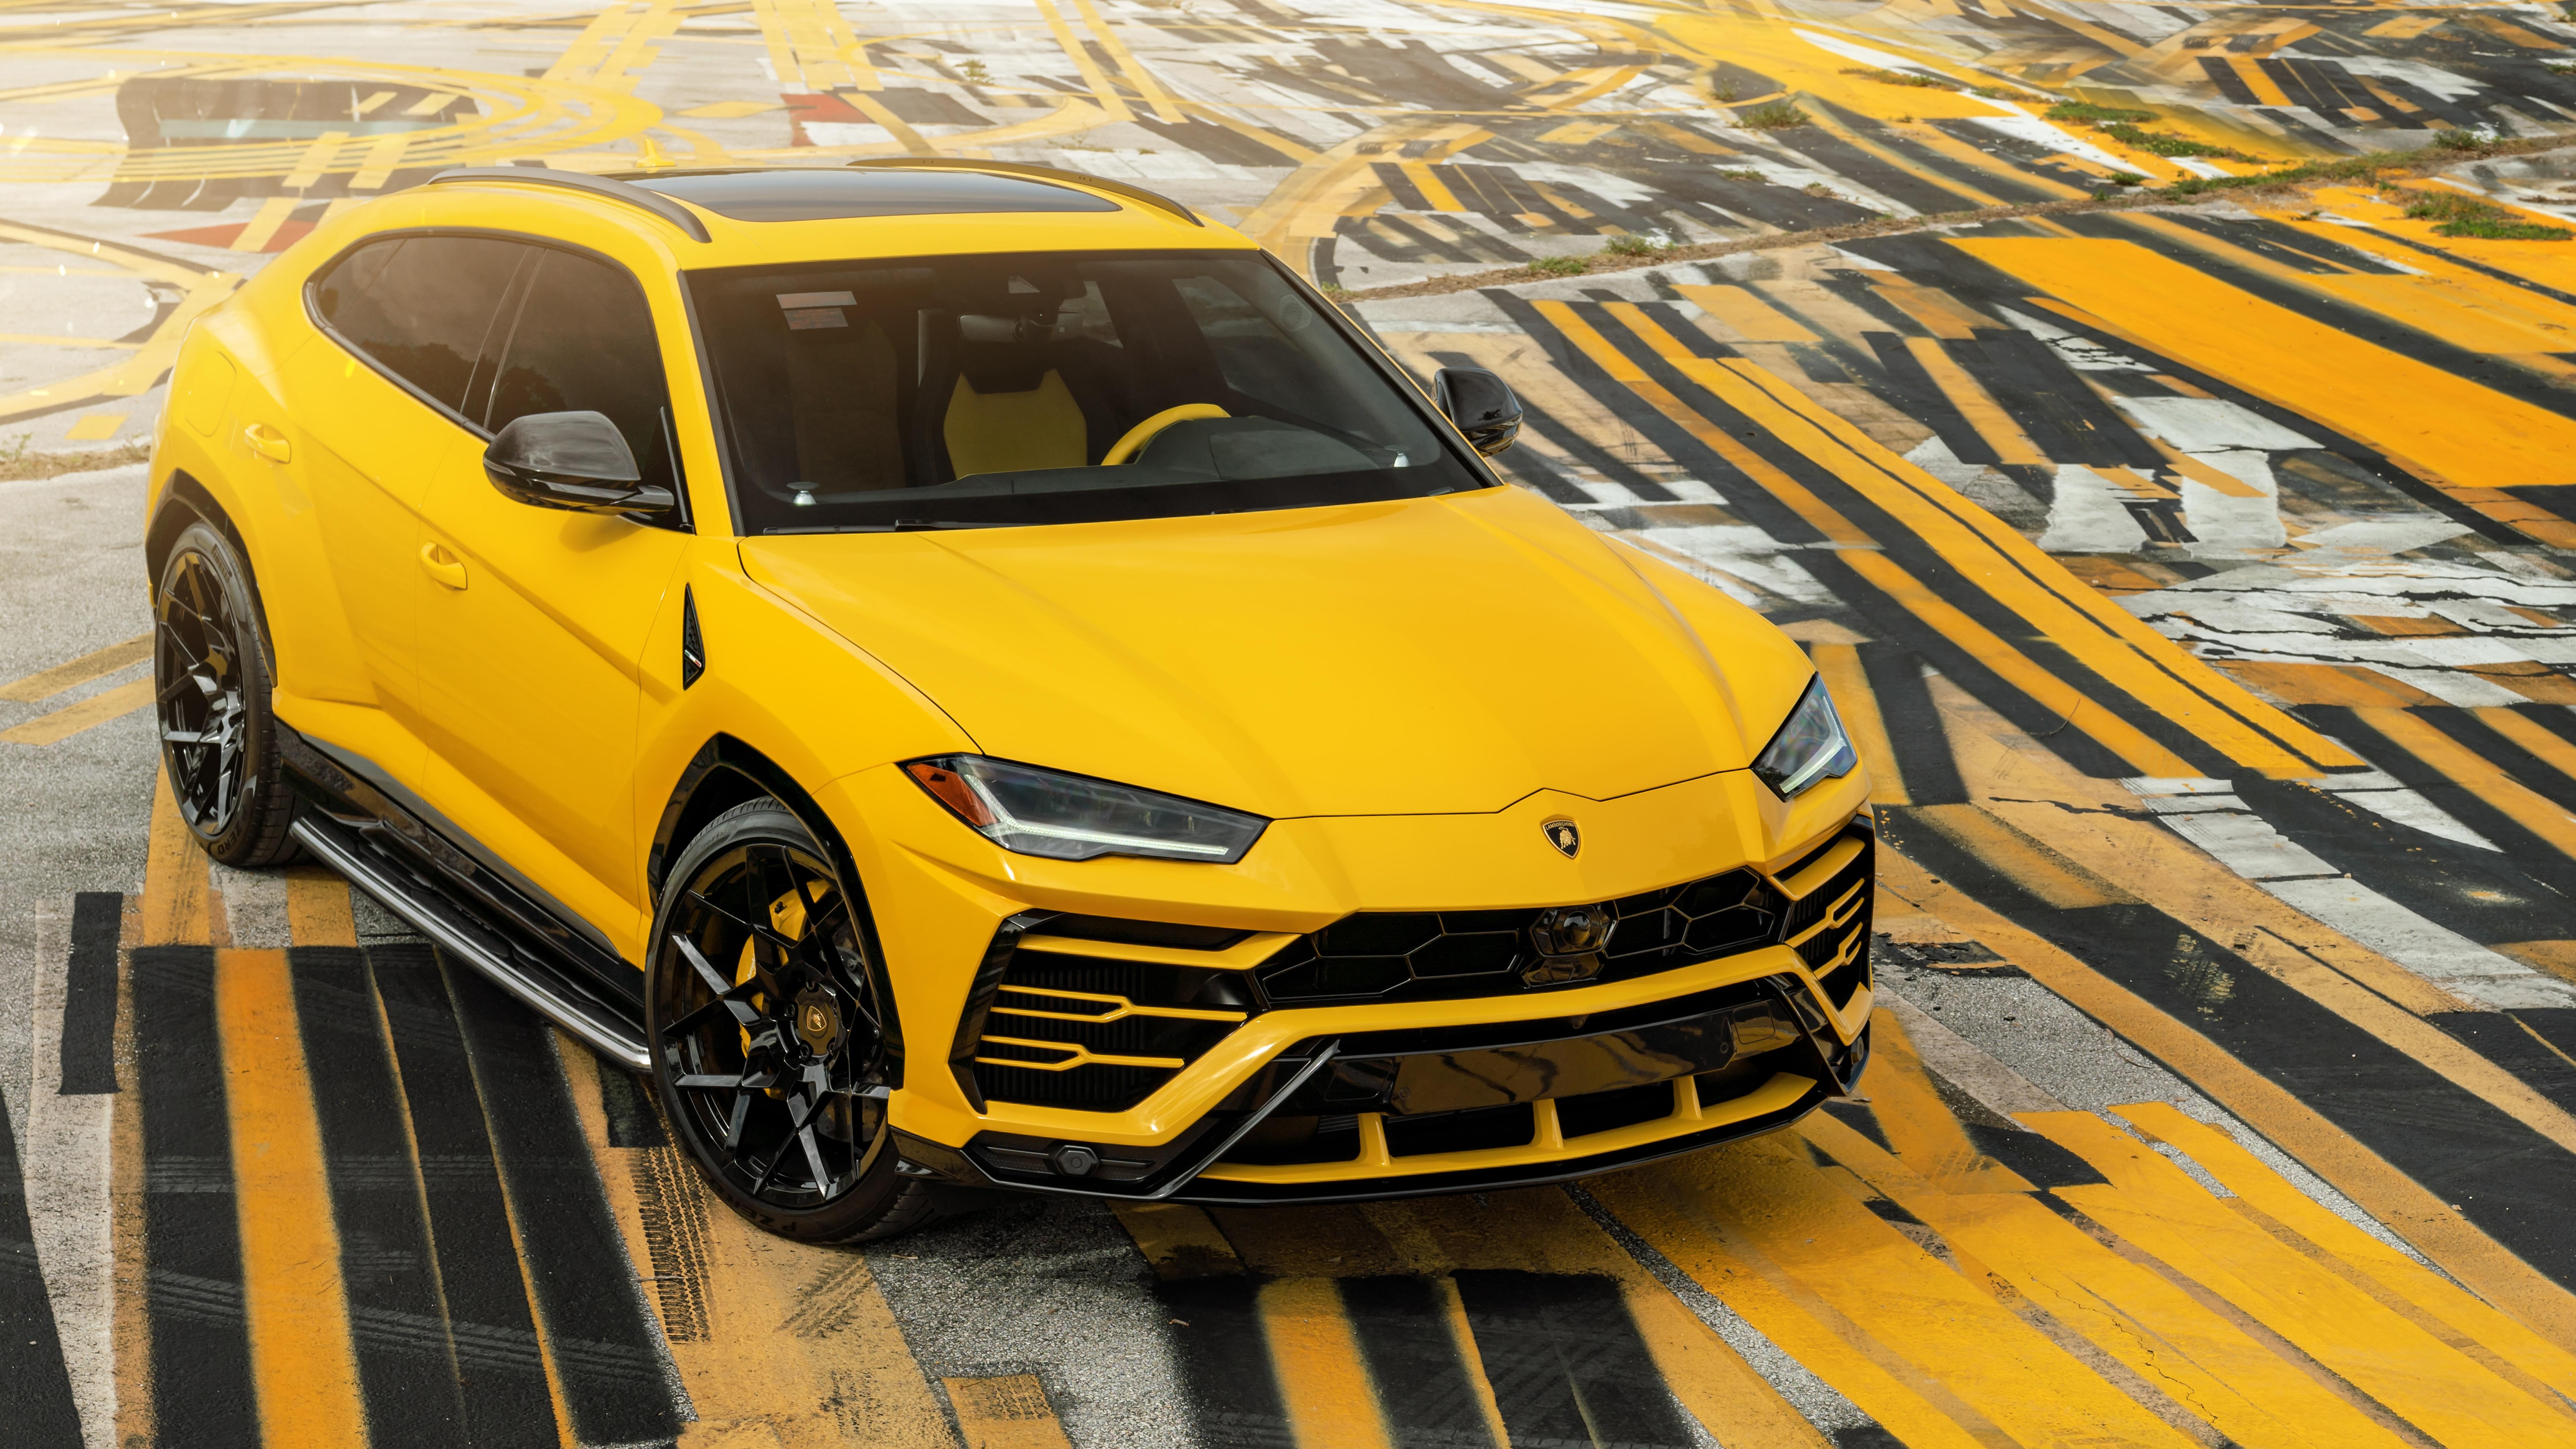 Lamborghini Urus Super Suv 8k Ultrahd Wallpaper Backiee Free